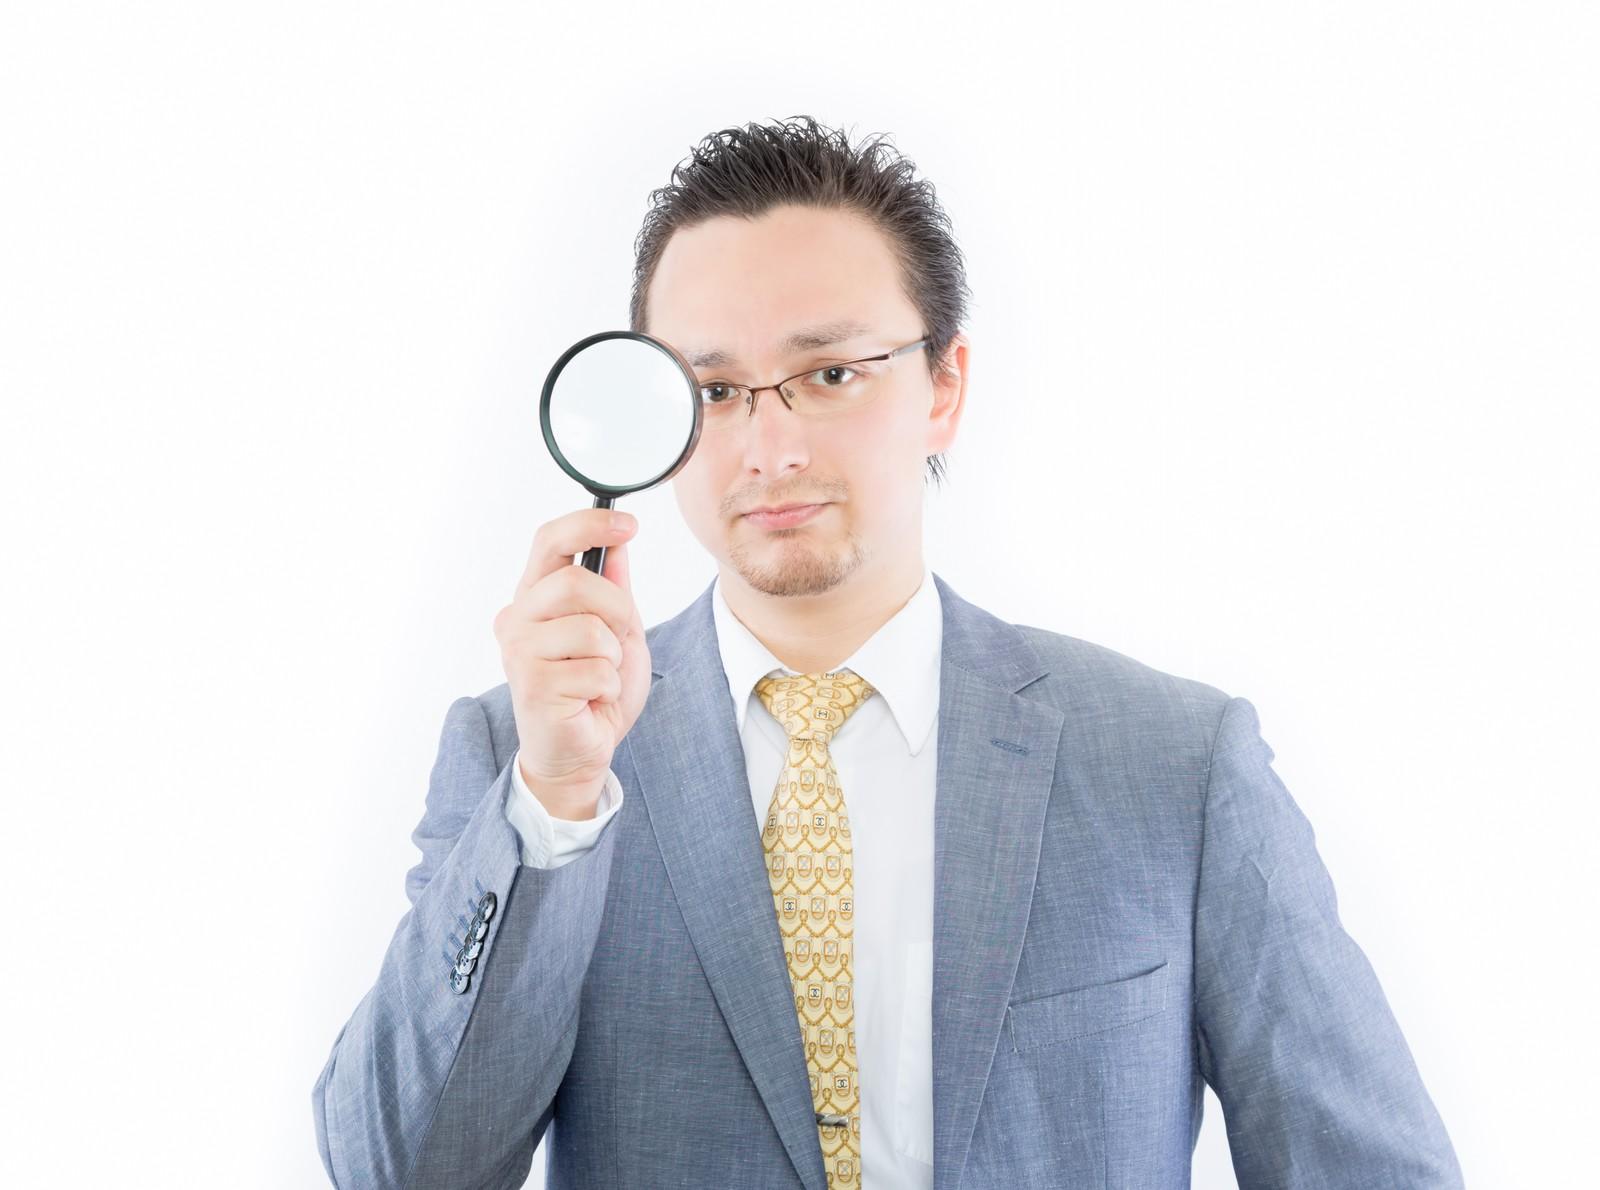 自分のサイトに合うキーワードの見つけ方と上位表示しやすい記事を書く方法